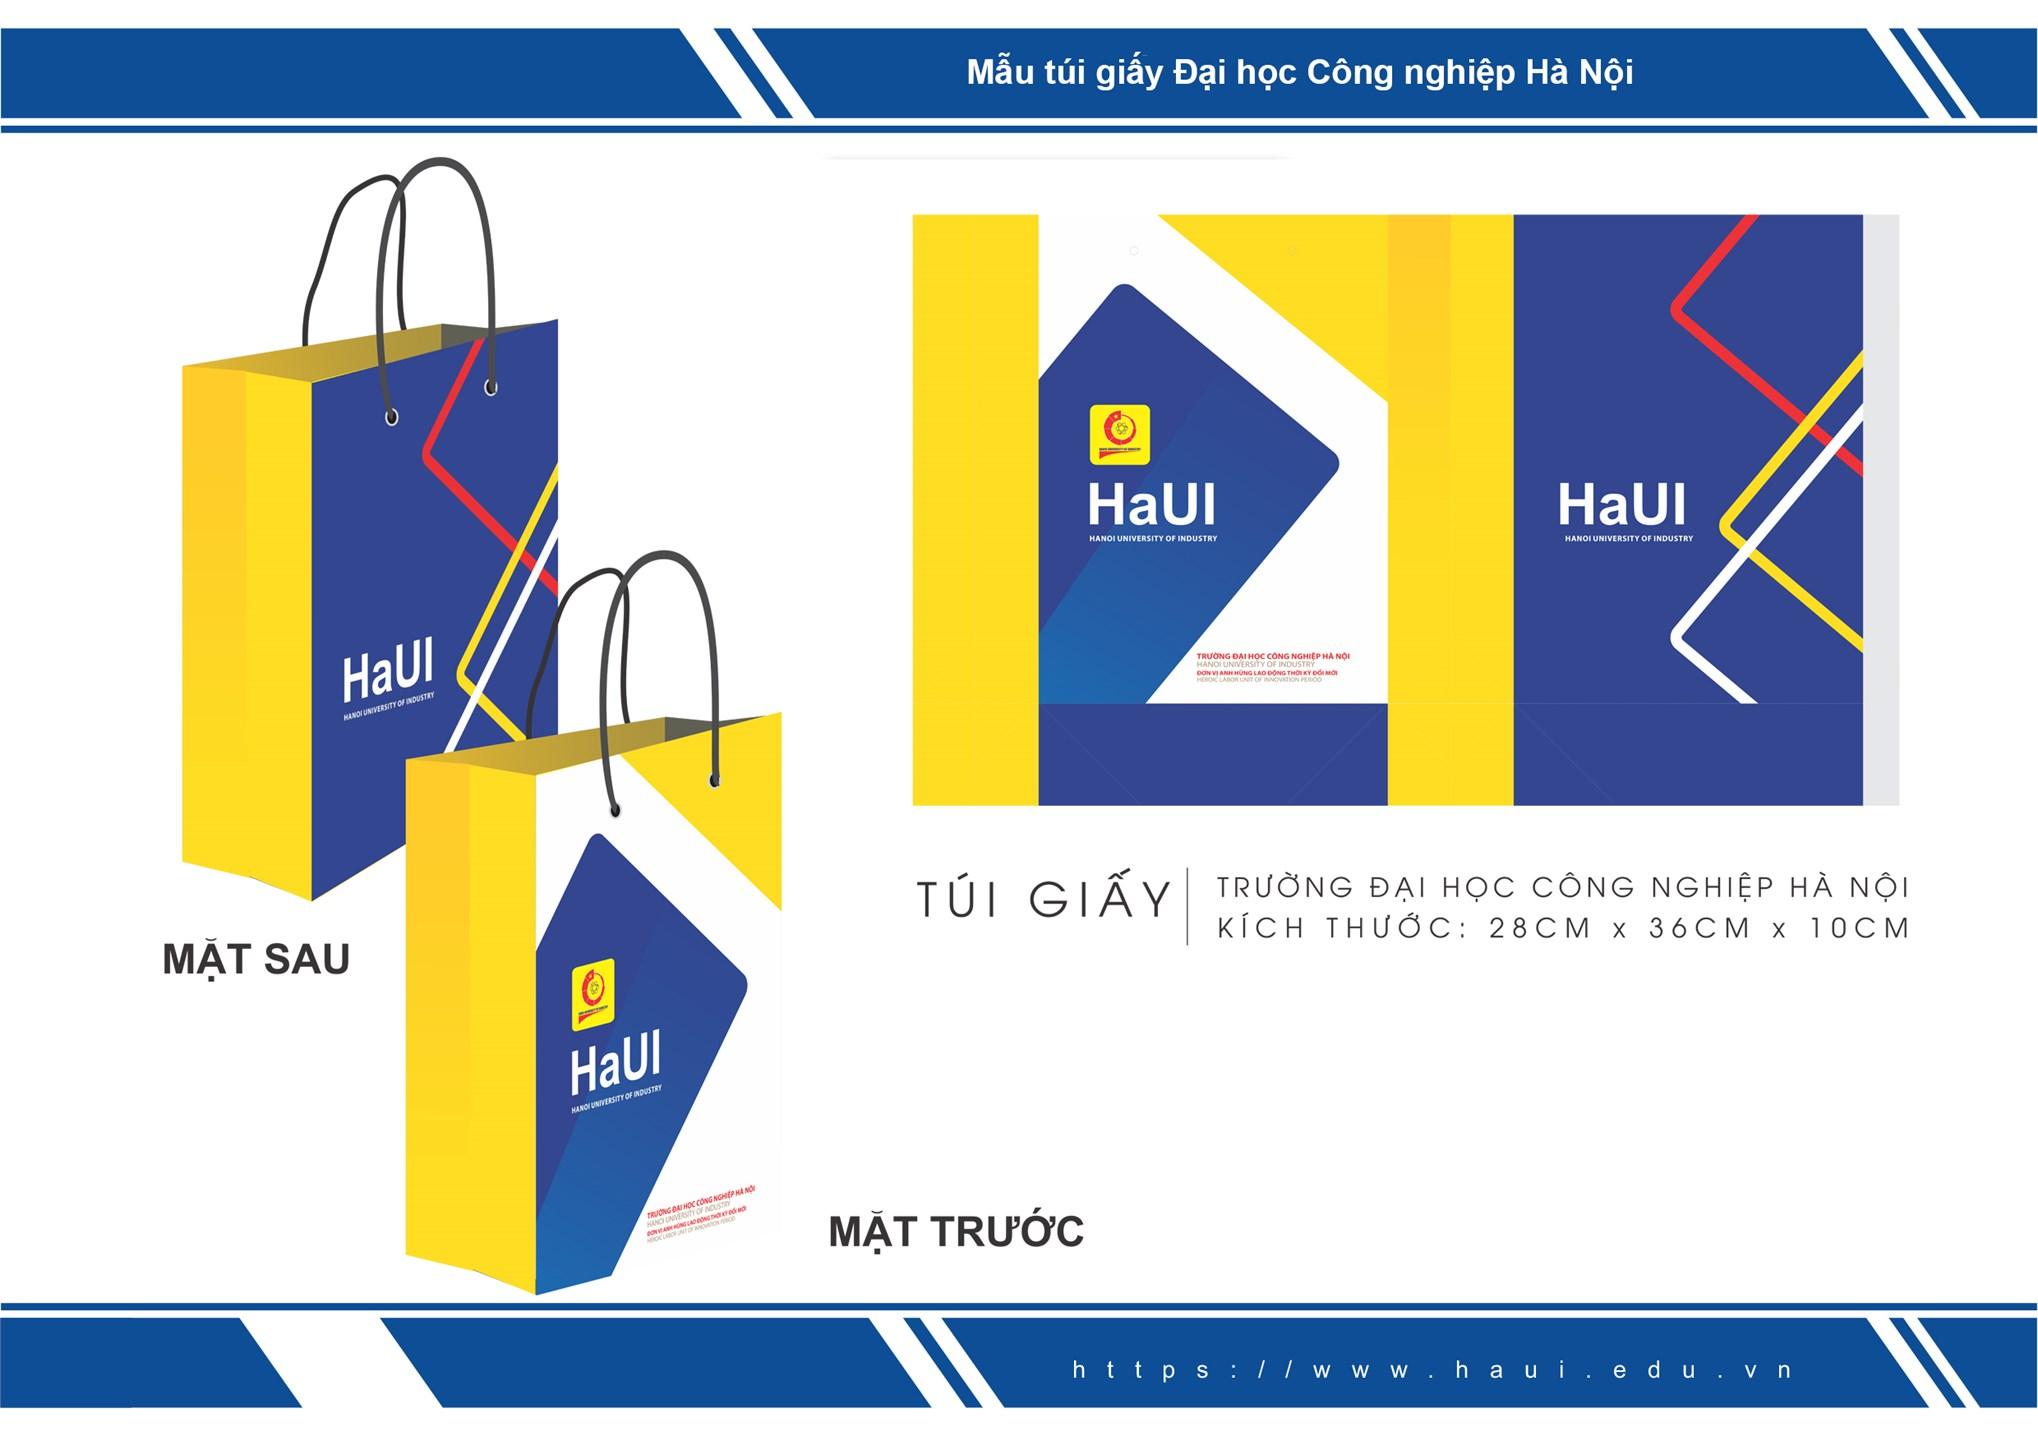 Nhận diện thương hiệu Túi giấy Đại học Công nghiệp Hà Nội